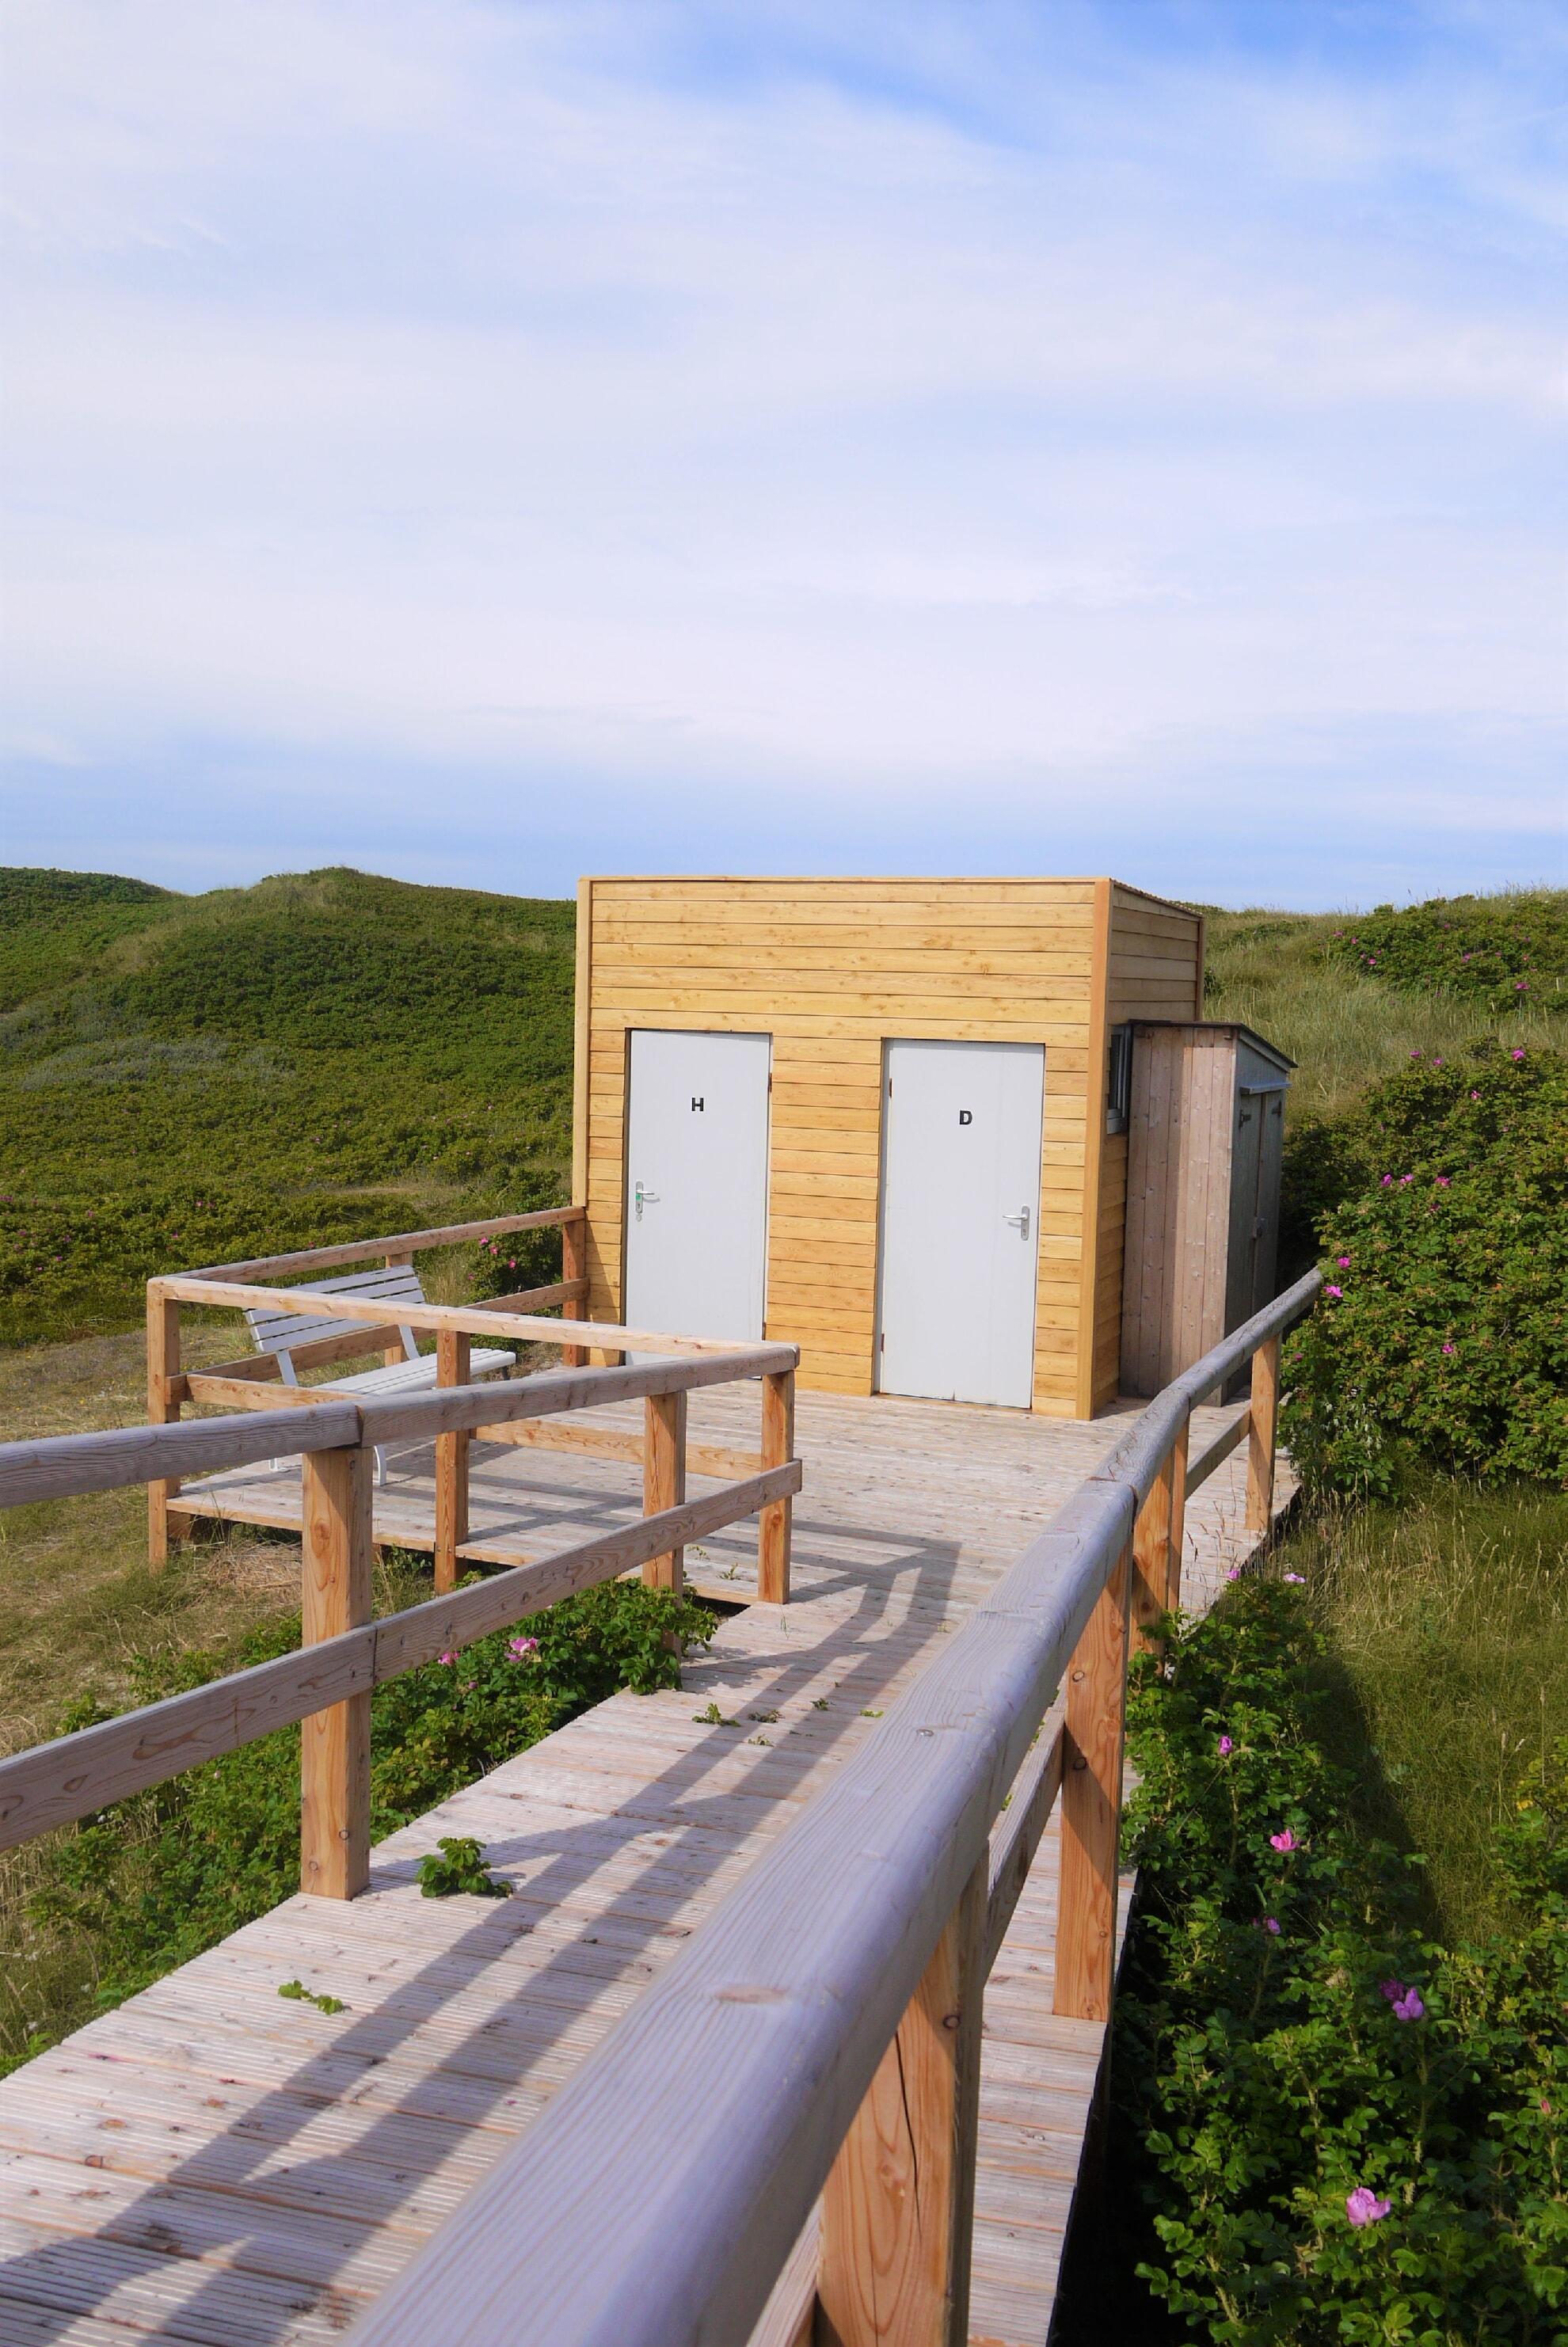 Öffentliche Toilette Gurtdeel in Hörnum Nord